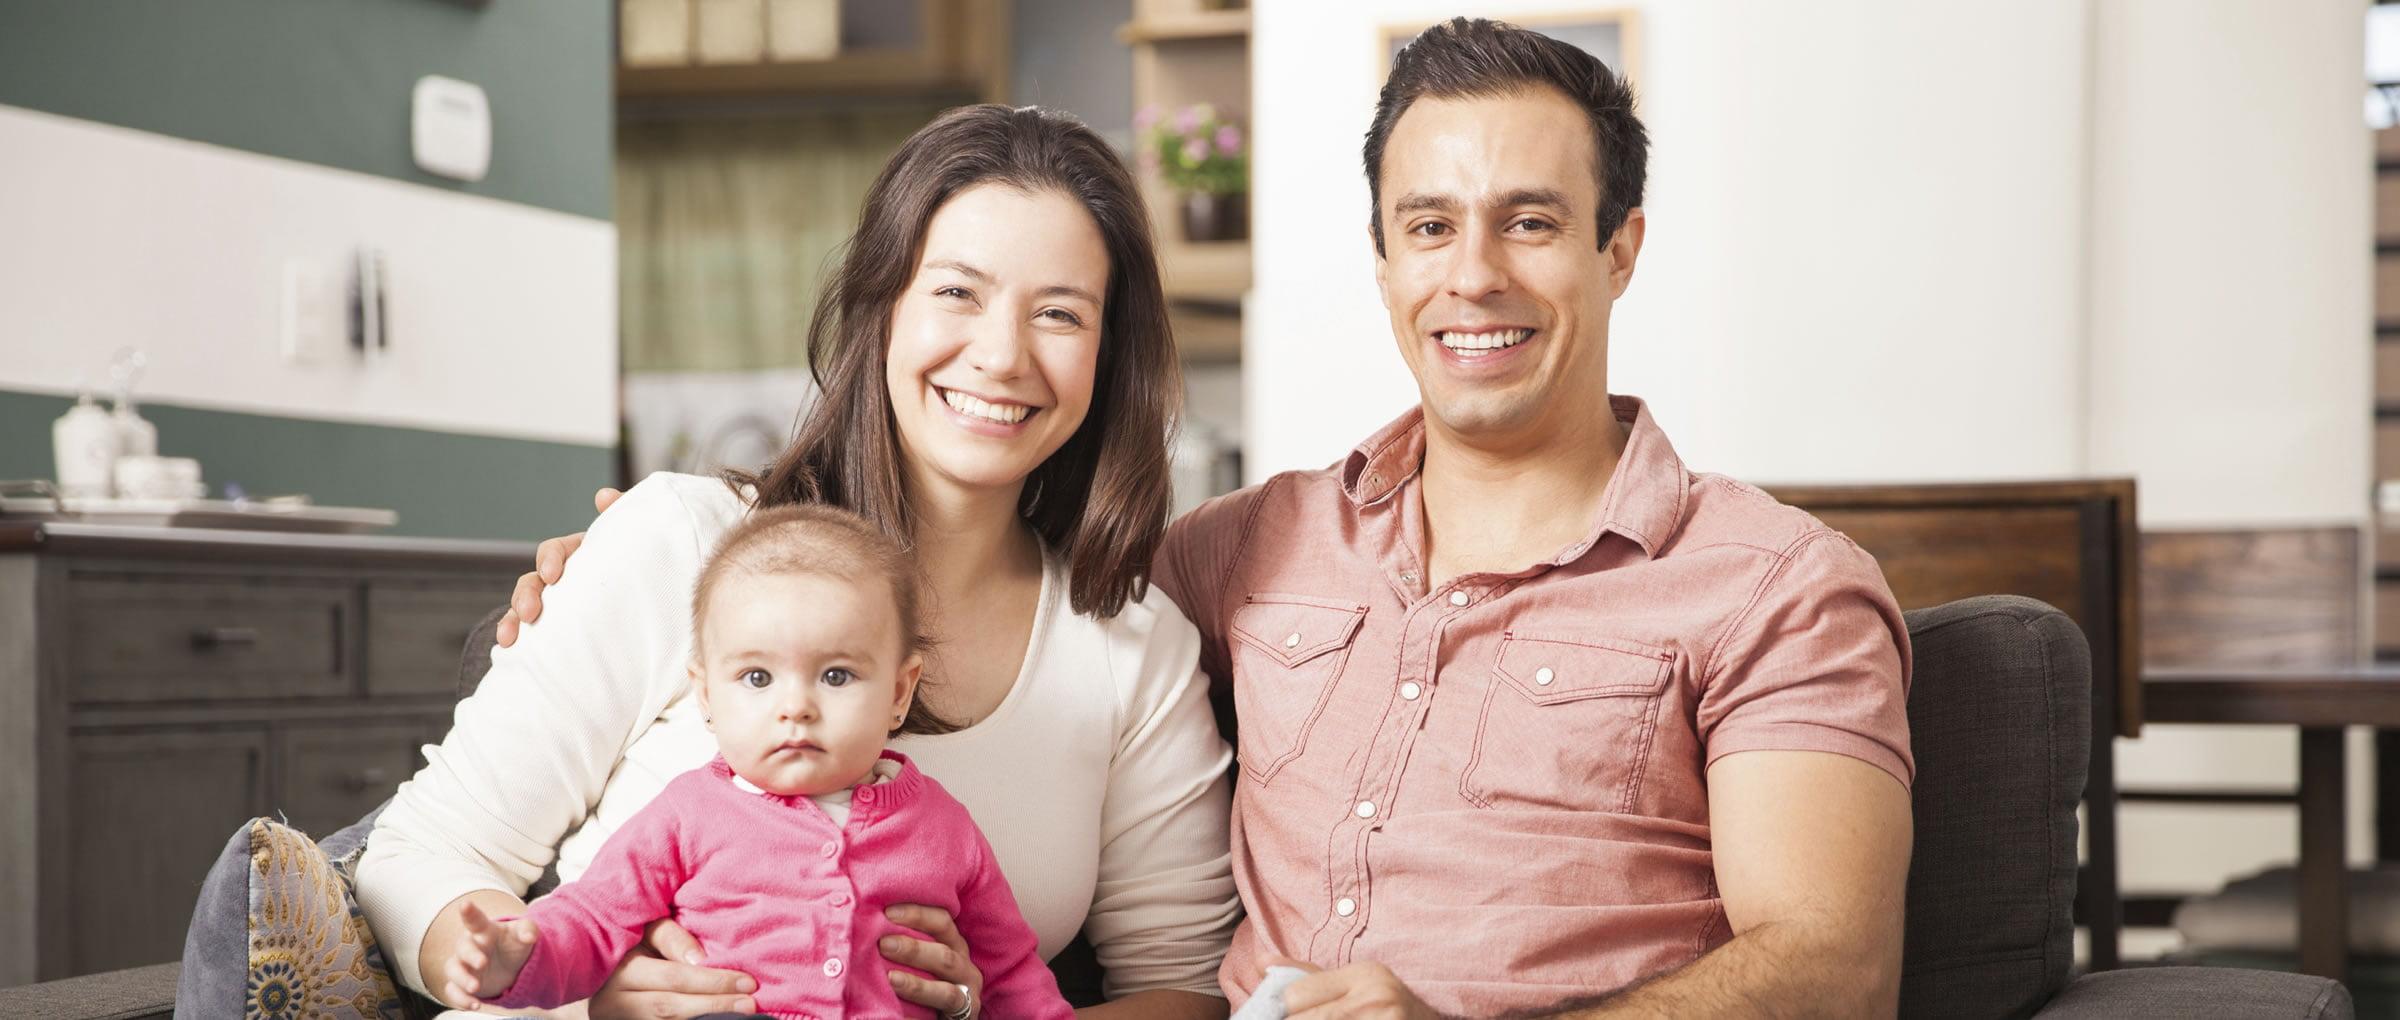 Facilité pour devenir parents avec Surrogate Solutions